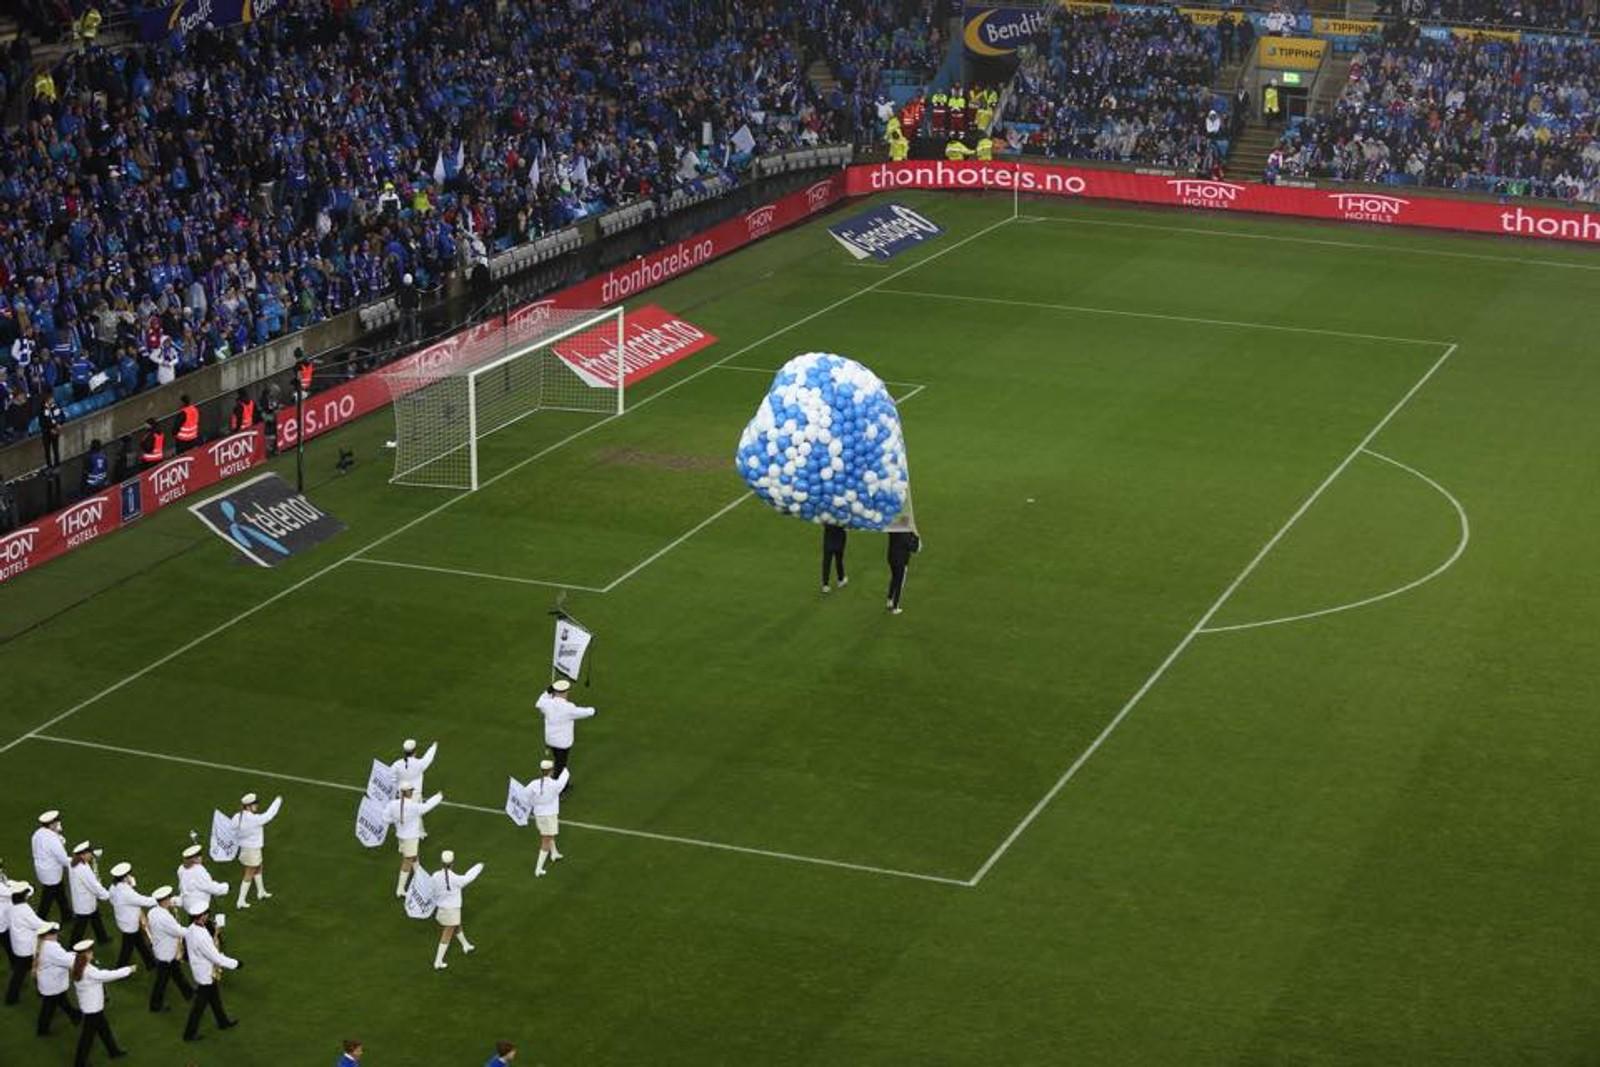 Her åpnes kampen med ballonger.